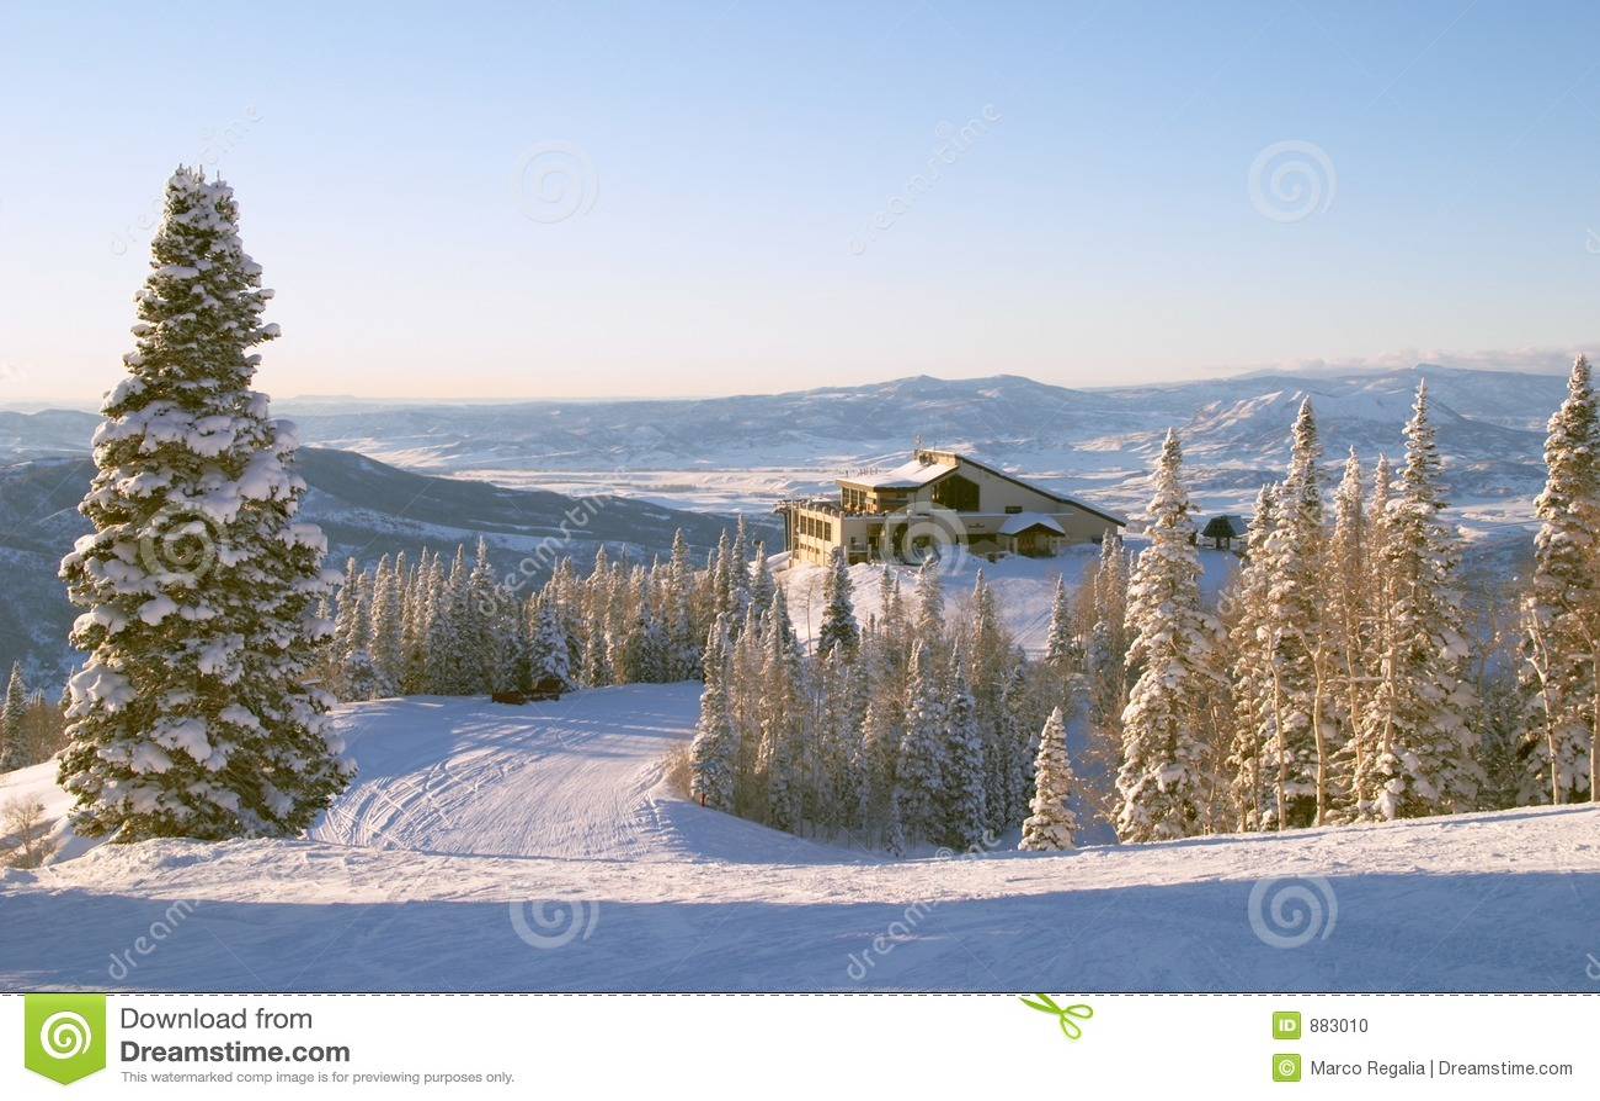 Estación de esquí del barco de vapor, Colorado